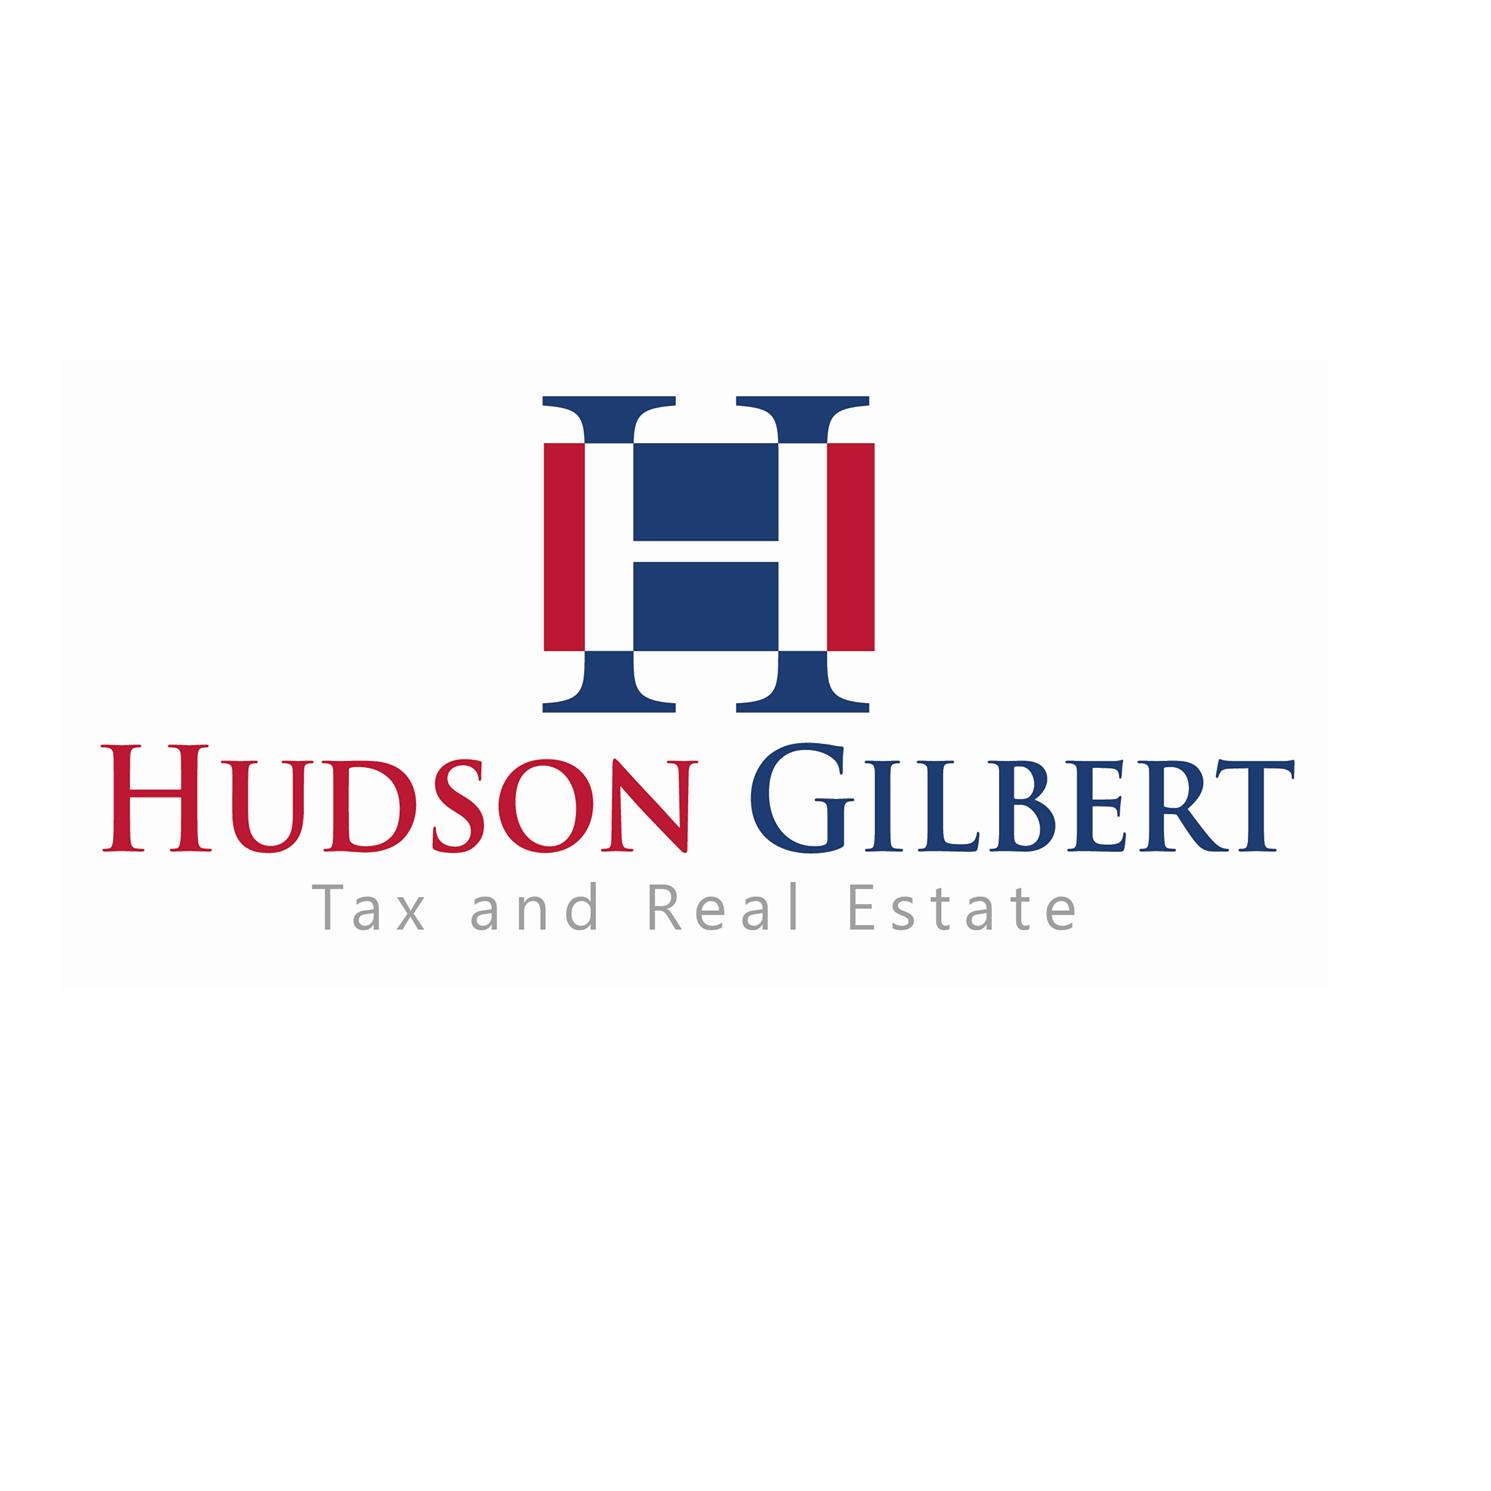 Hudson Gilbert Associate Broker Bertram Babb